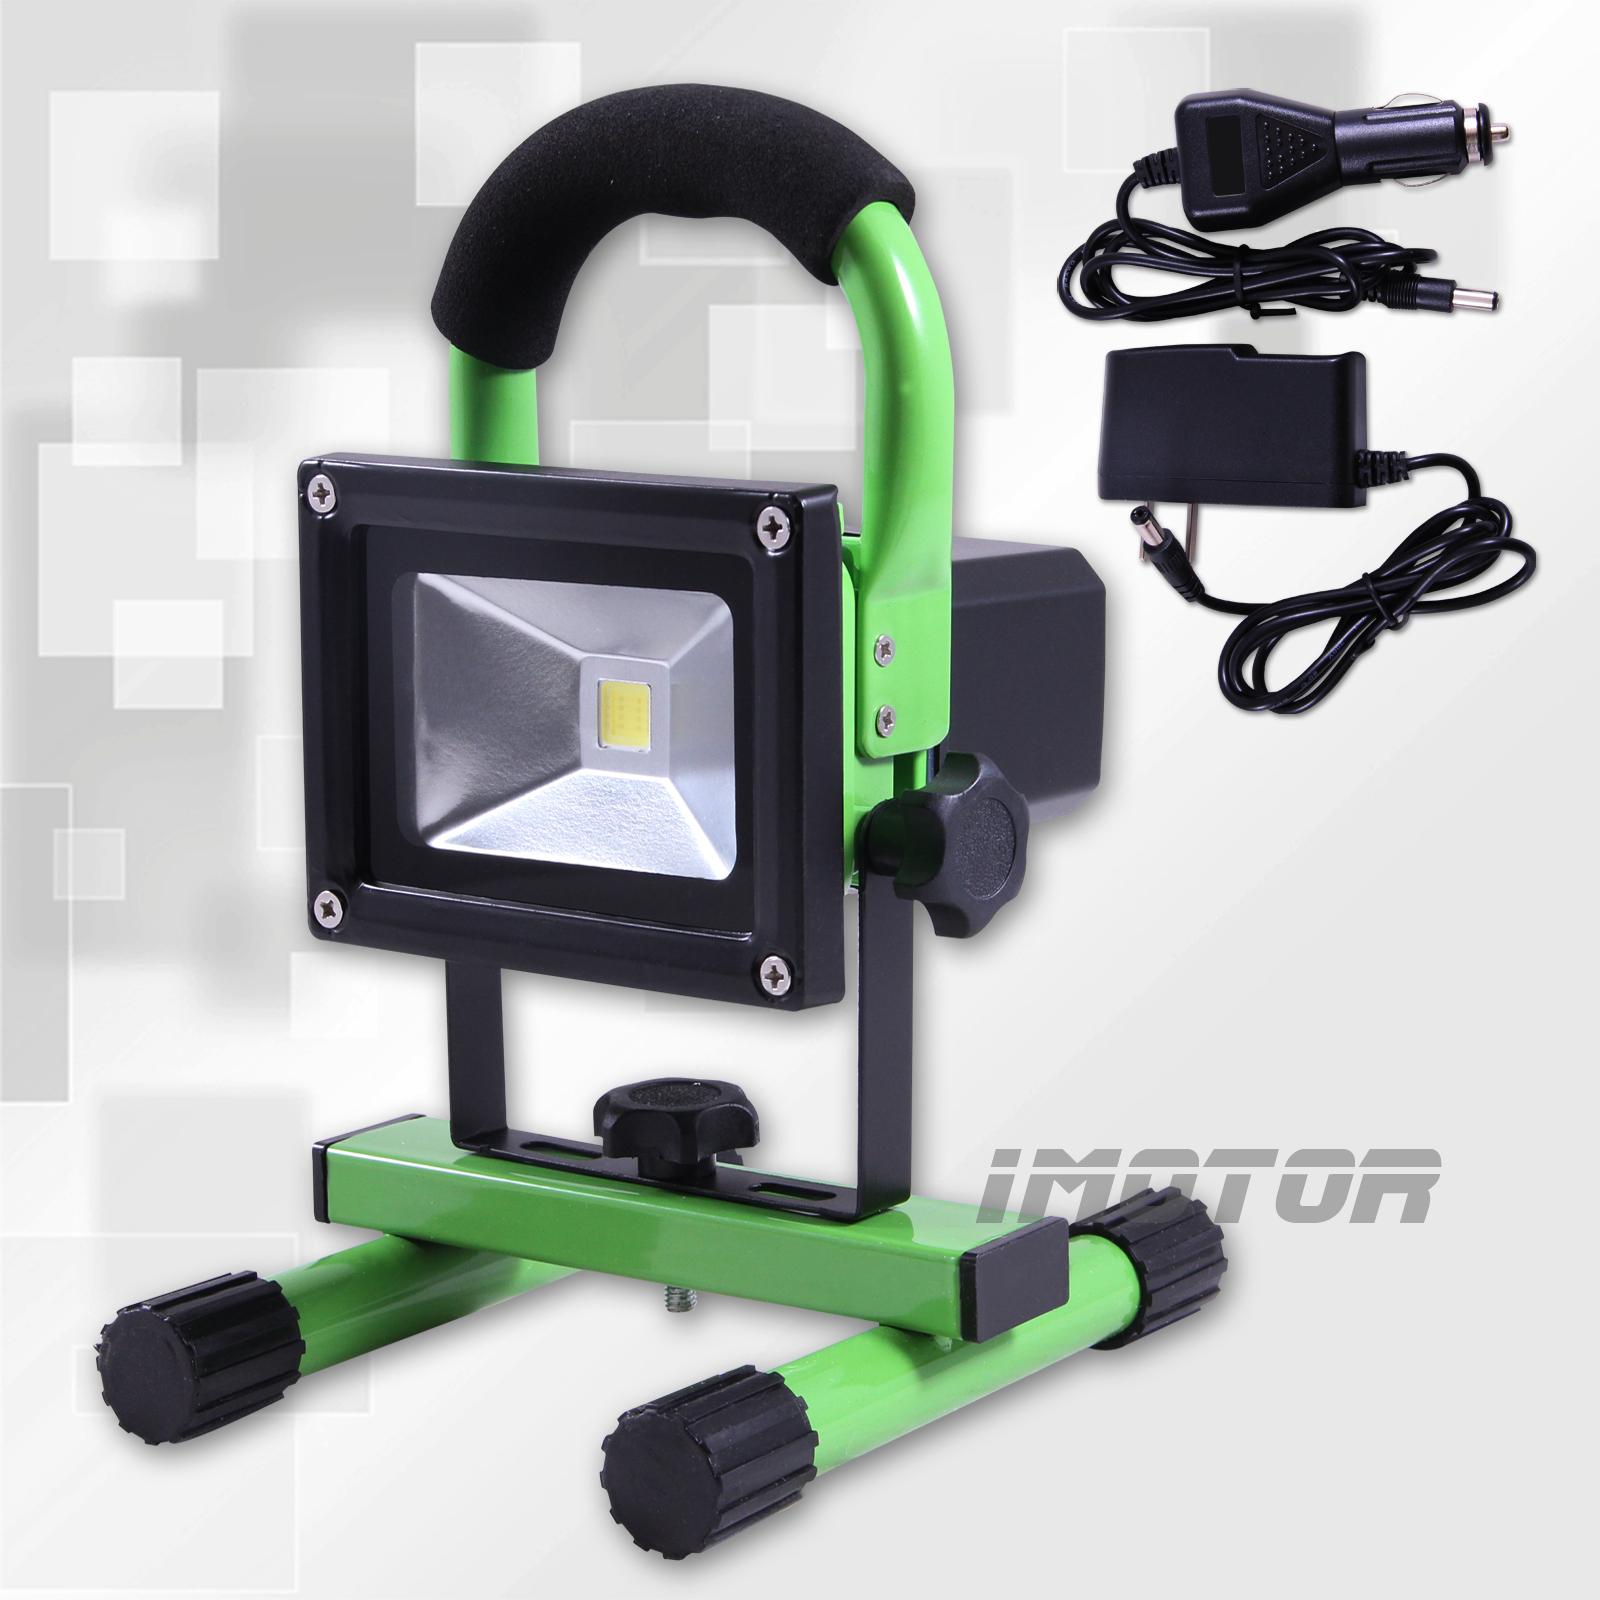 12 Watt Rechargeable Portable Led Work Light For Workshop: 10W 12V CORDLESS RECHARGEABLE LED FLOOD SPOT WORK LIGHT